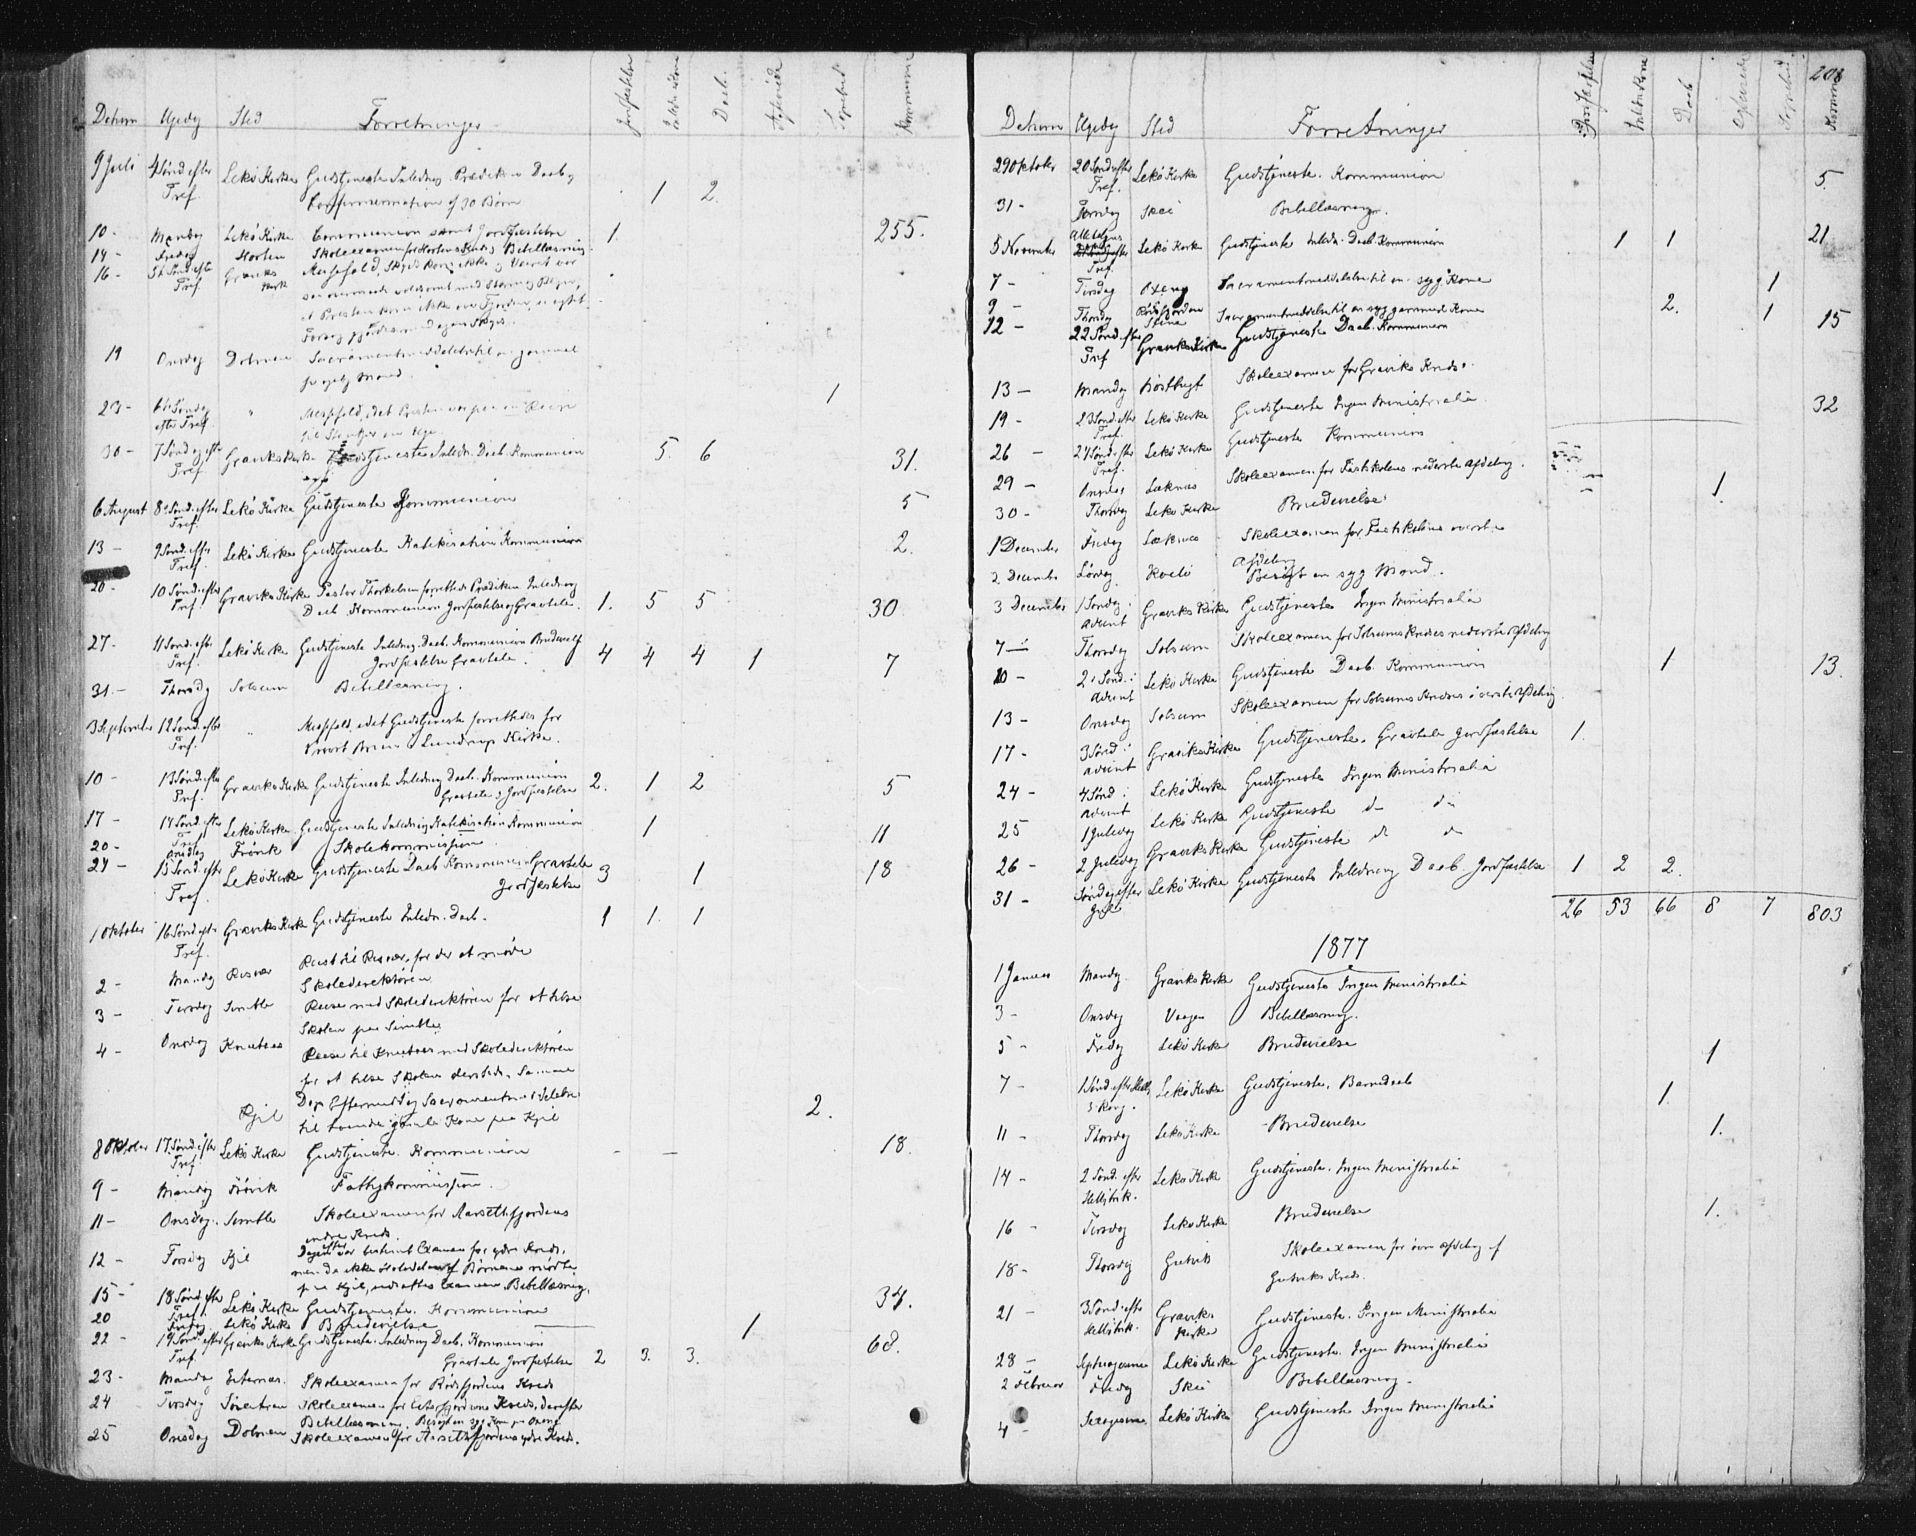 SAT, Ministerialprotokoller, klokkerbøker og fødselsregistre - Nord-Trøndelag, 788/L0696: Ministerialbok nr. 788A03, 1863-1877, s. 208